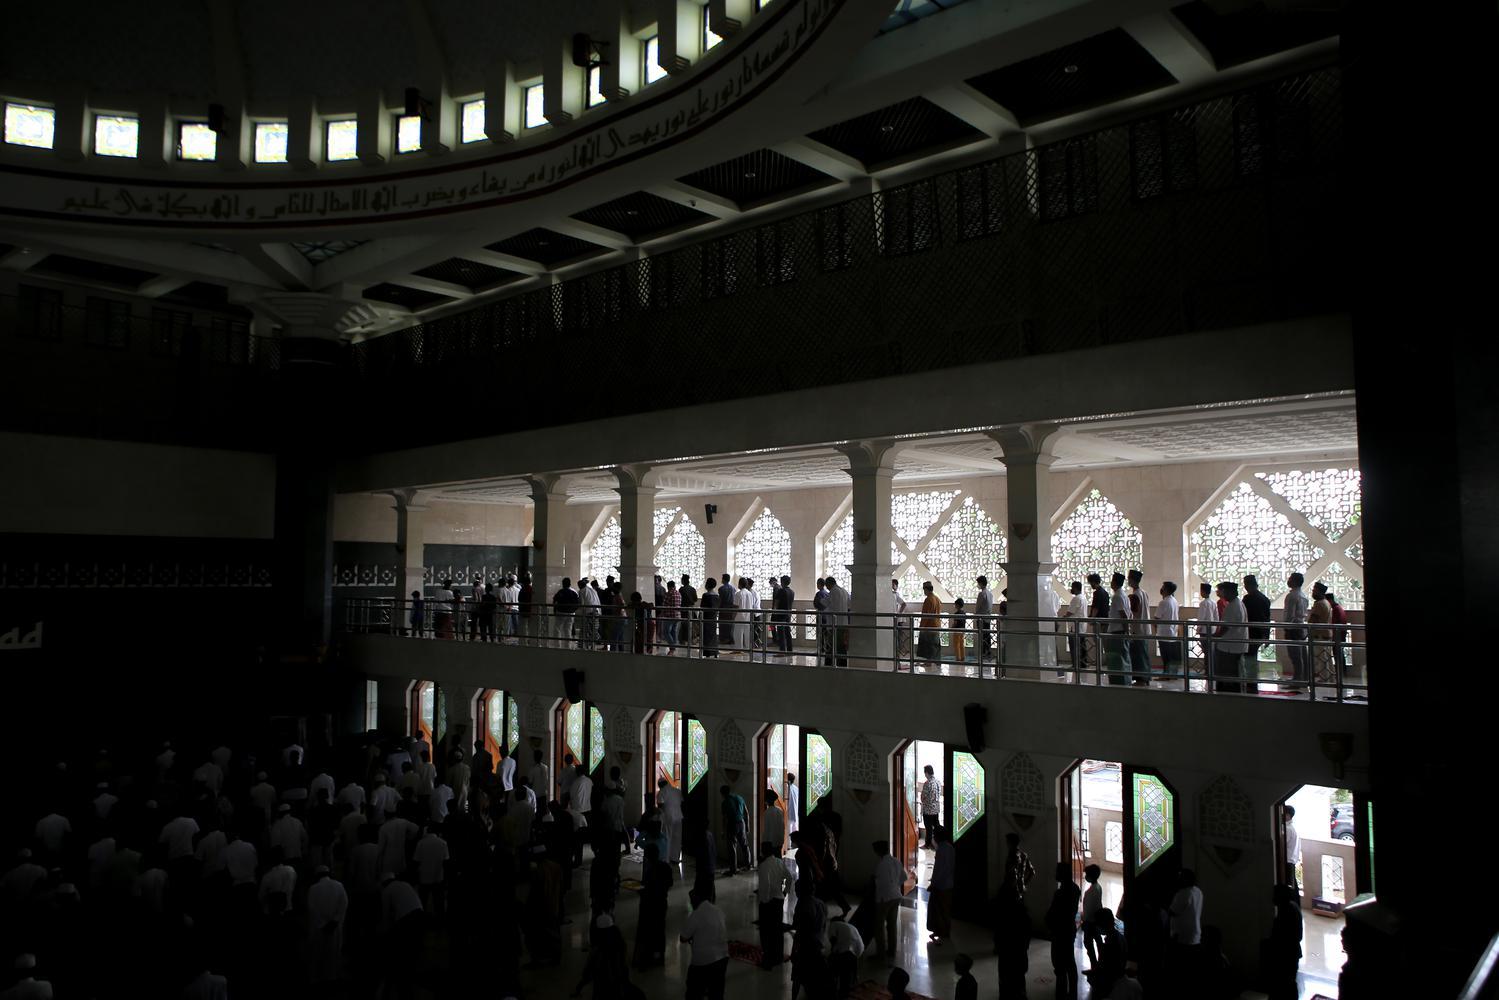 Sejumlah umat islam melaksanakan salat jumat di Masjid Al-Amjad, Kabupaten Tangerang, Jumat (8/1/2021). Pemerintah melakukan Pelaksanaan Pembatasan Kegiatan Masyarakat di Jawa dan Bali pada 11-25 Januari 2021 untuk menekan penyebaran COVID-19, diantaranya melakukan pembatasan kapasitas di tempat ibadah sebanyak 50 persen.